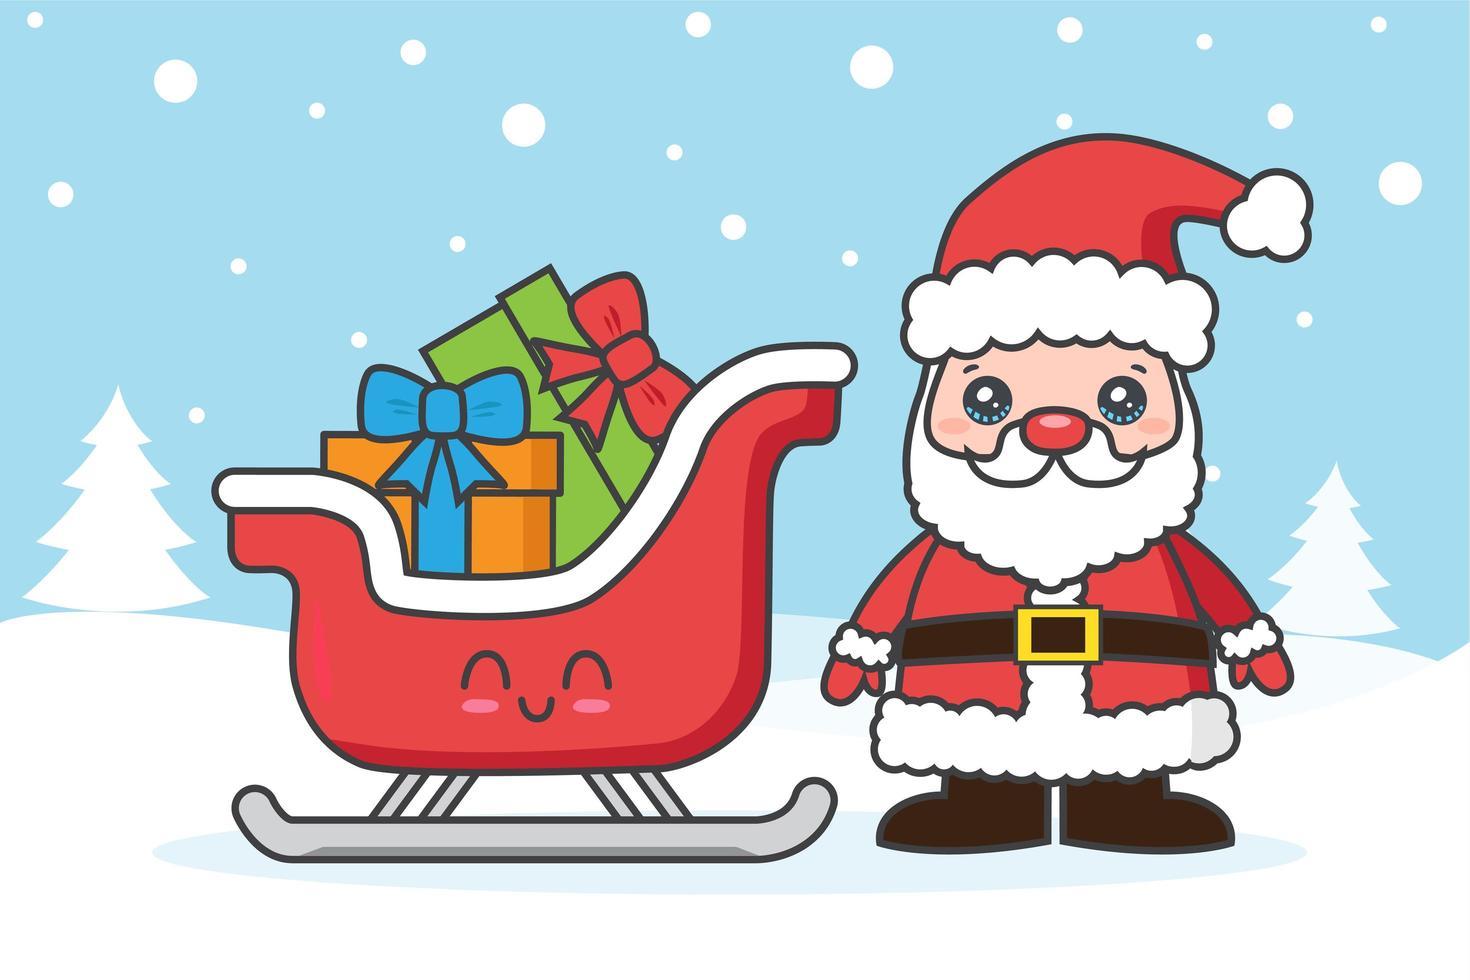 Weihnachtskarte mit Weihnachtsmann und Schlitten im Schnee vektor